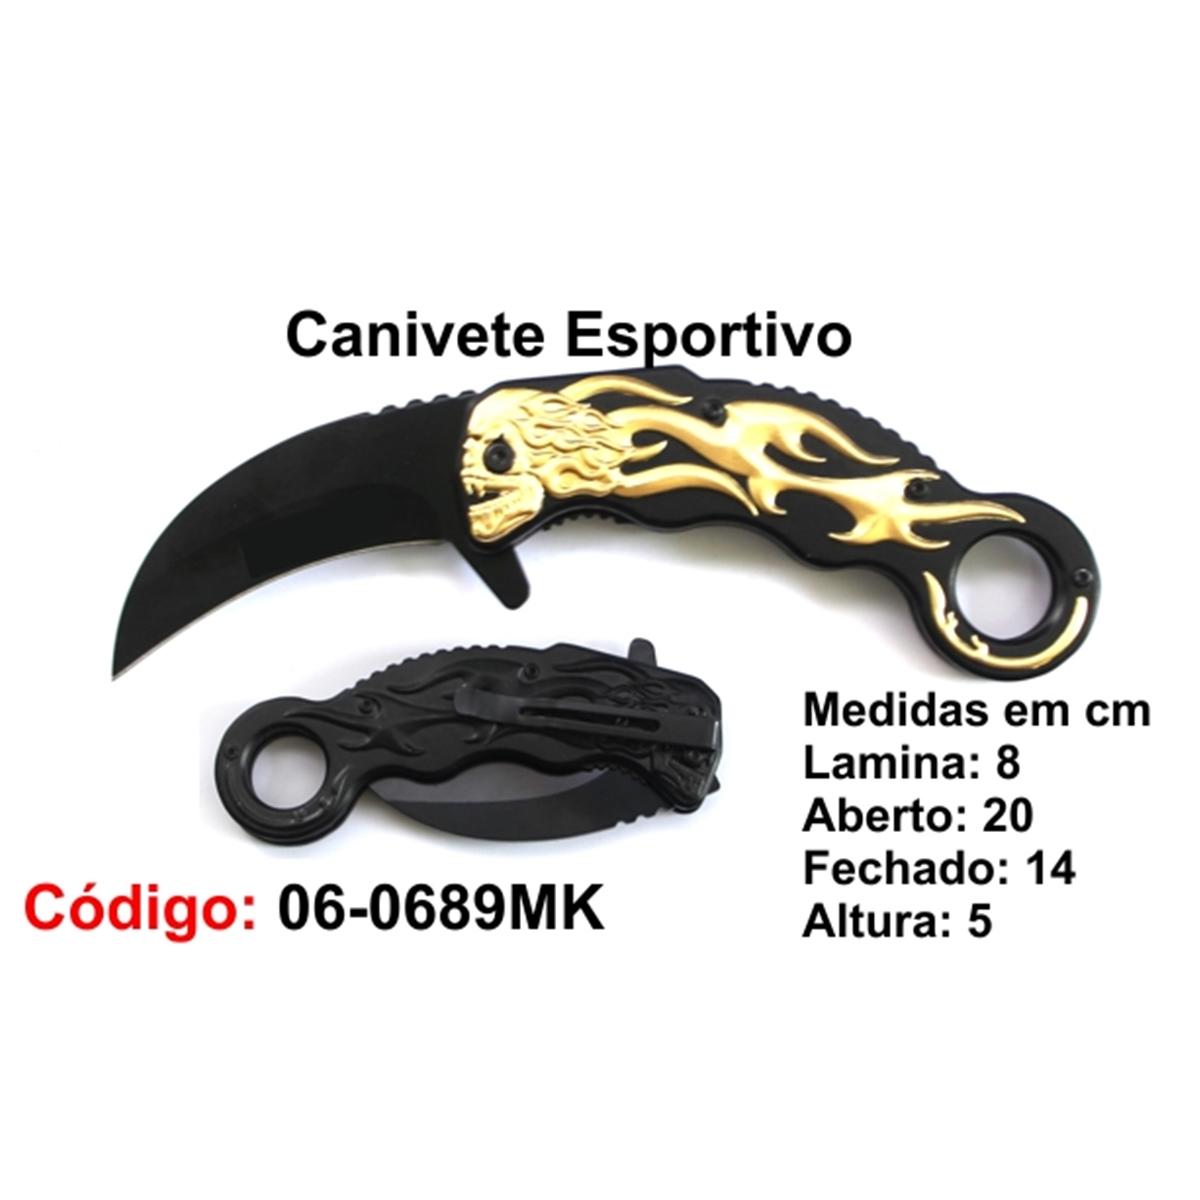 Canivete Esportivo Caça Pesca Etc. 06-0689MK